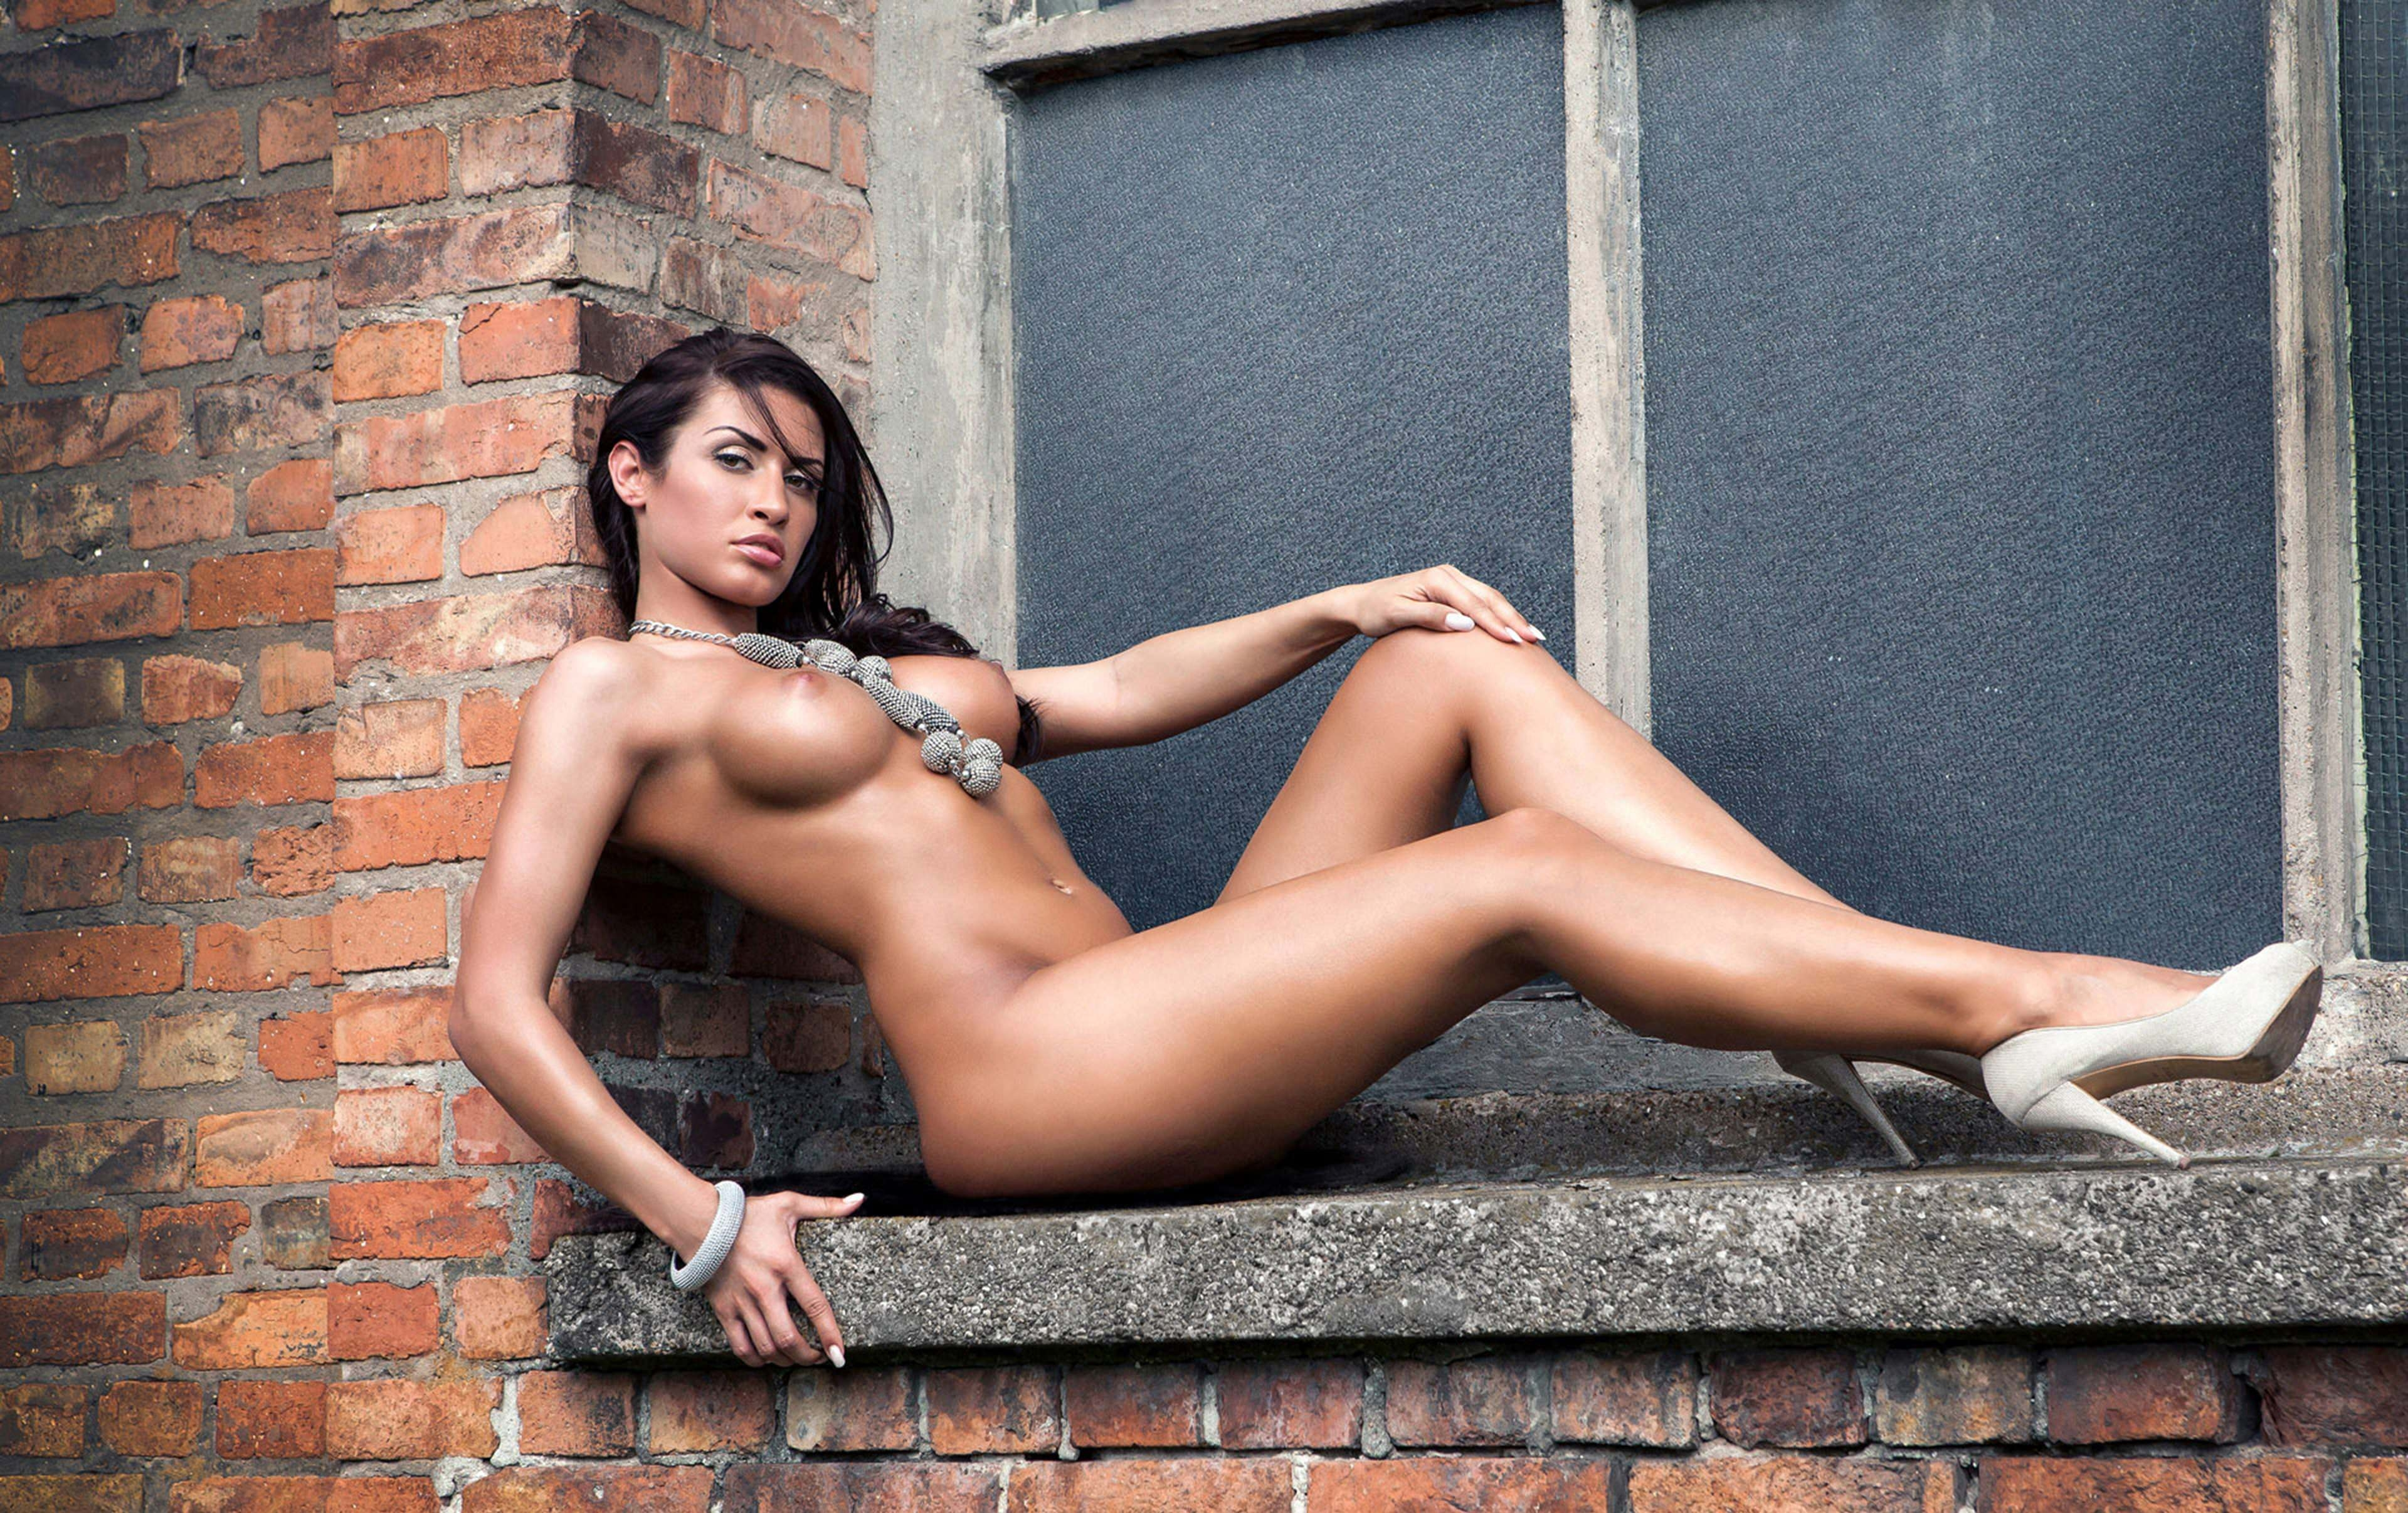 Фото Загорелая голая девушка на подоконнике кирпичного доме снаружи, знойная брюнетка, круглые упругие сиськи, блестящие длинные ножки, скачать картинку бесплатно